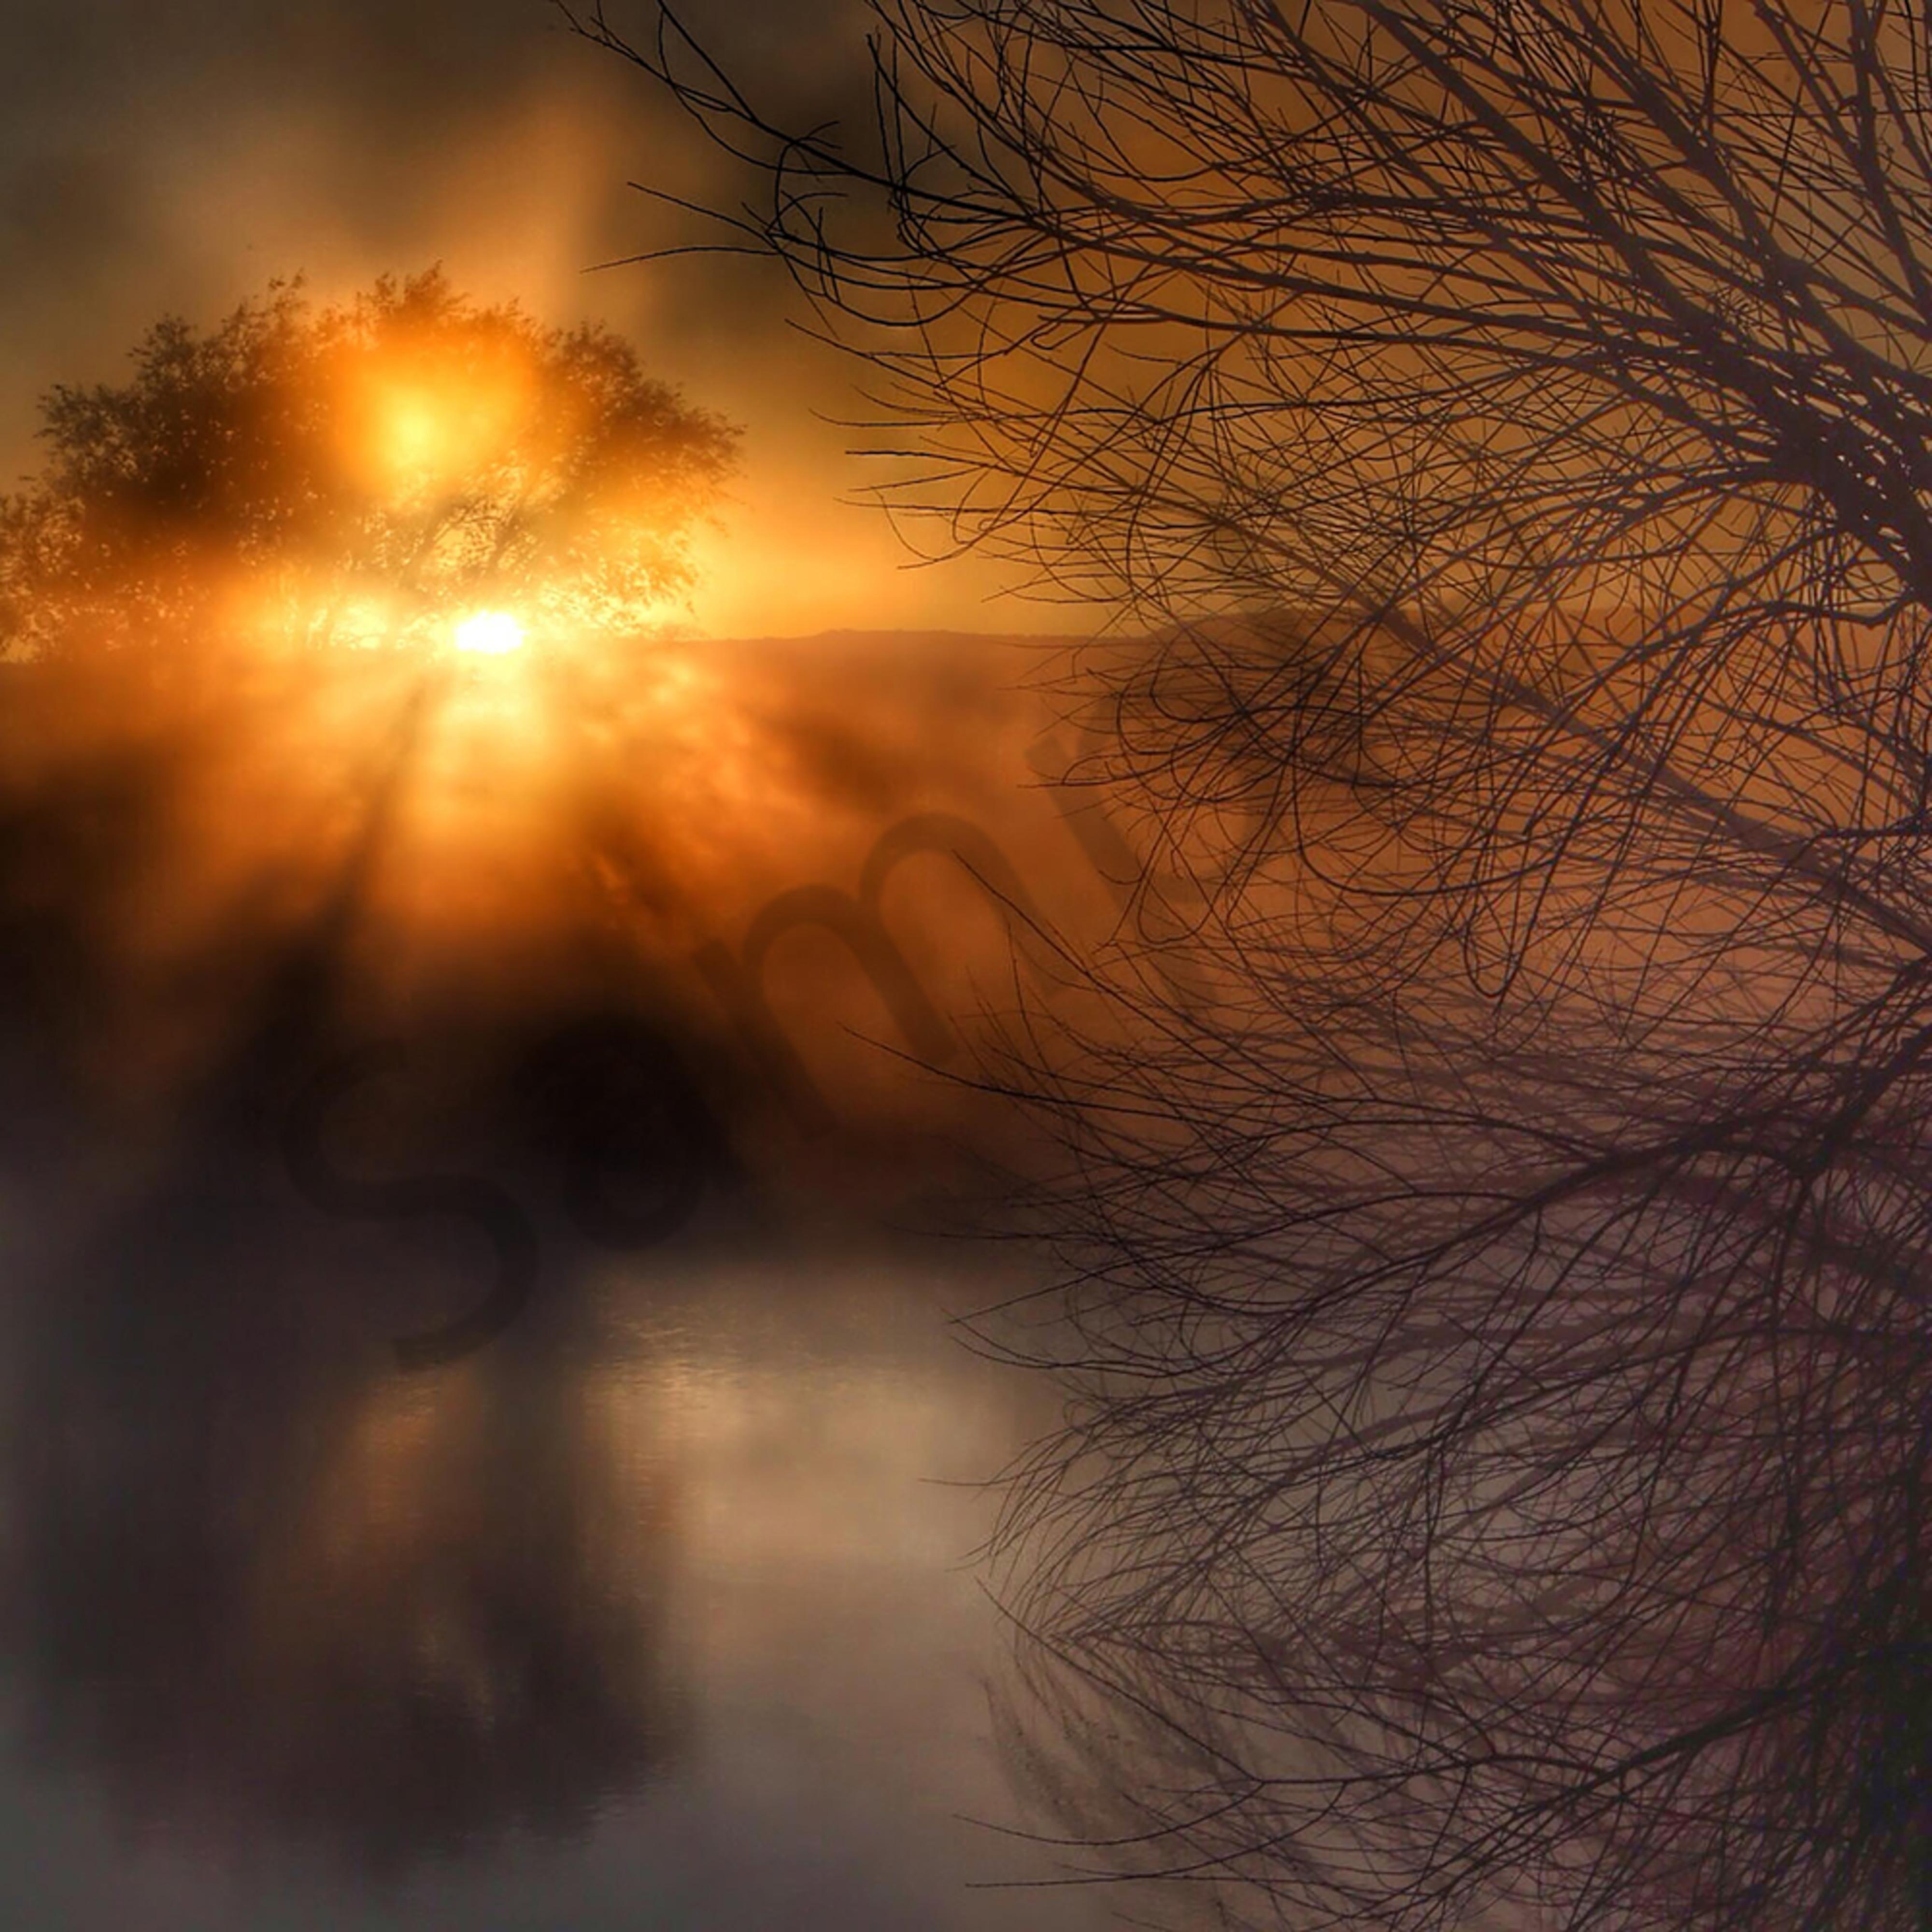 Mist sunrise qtj9i9